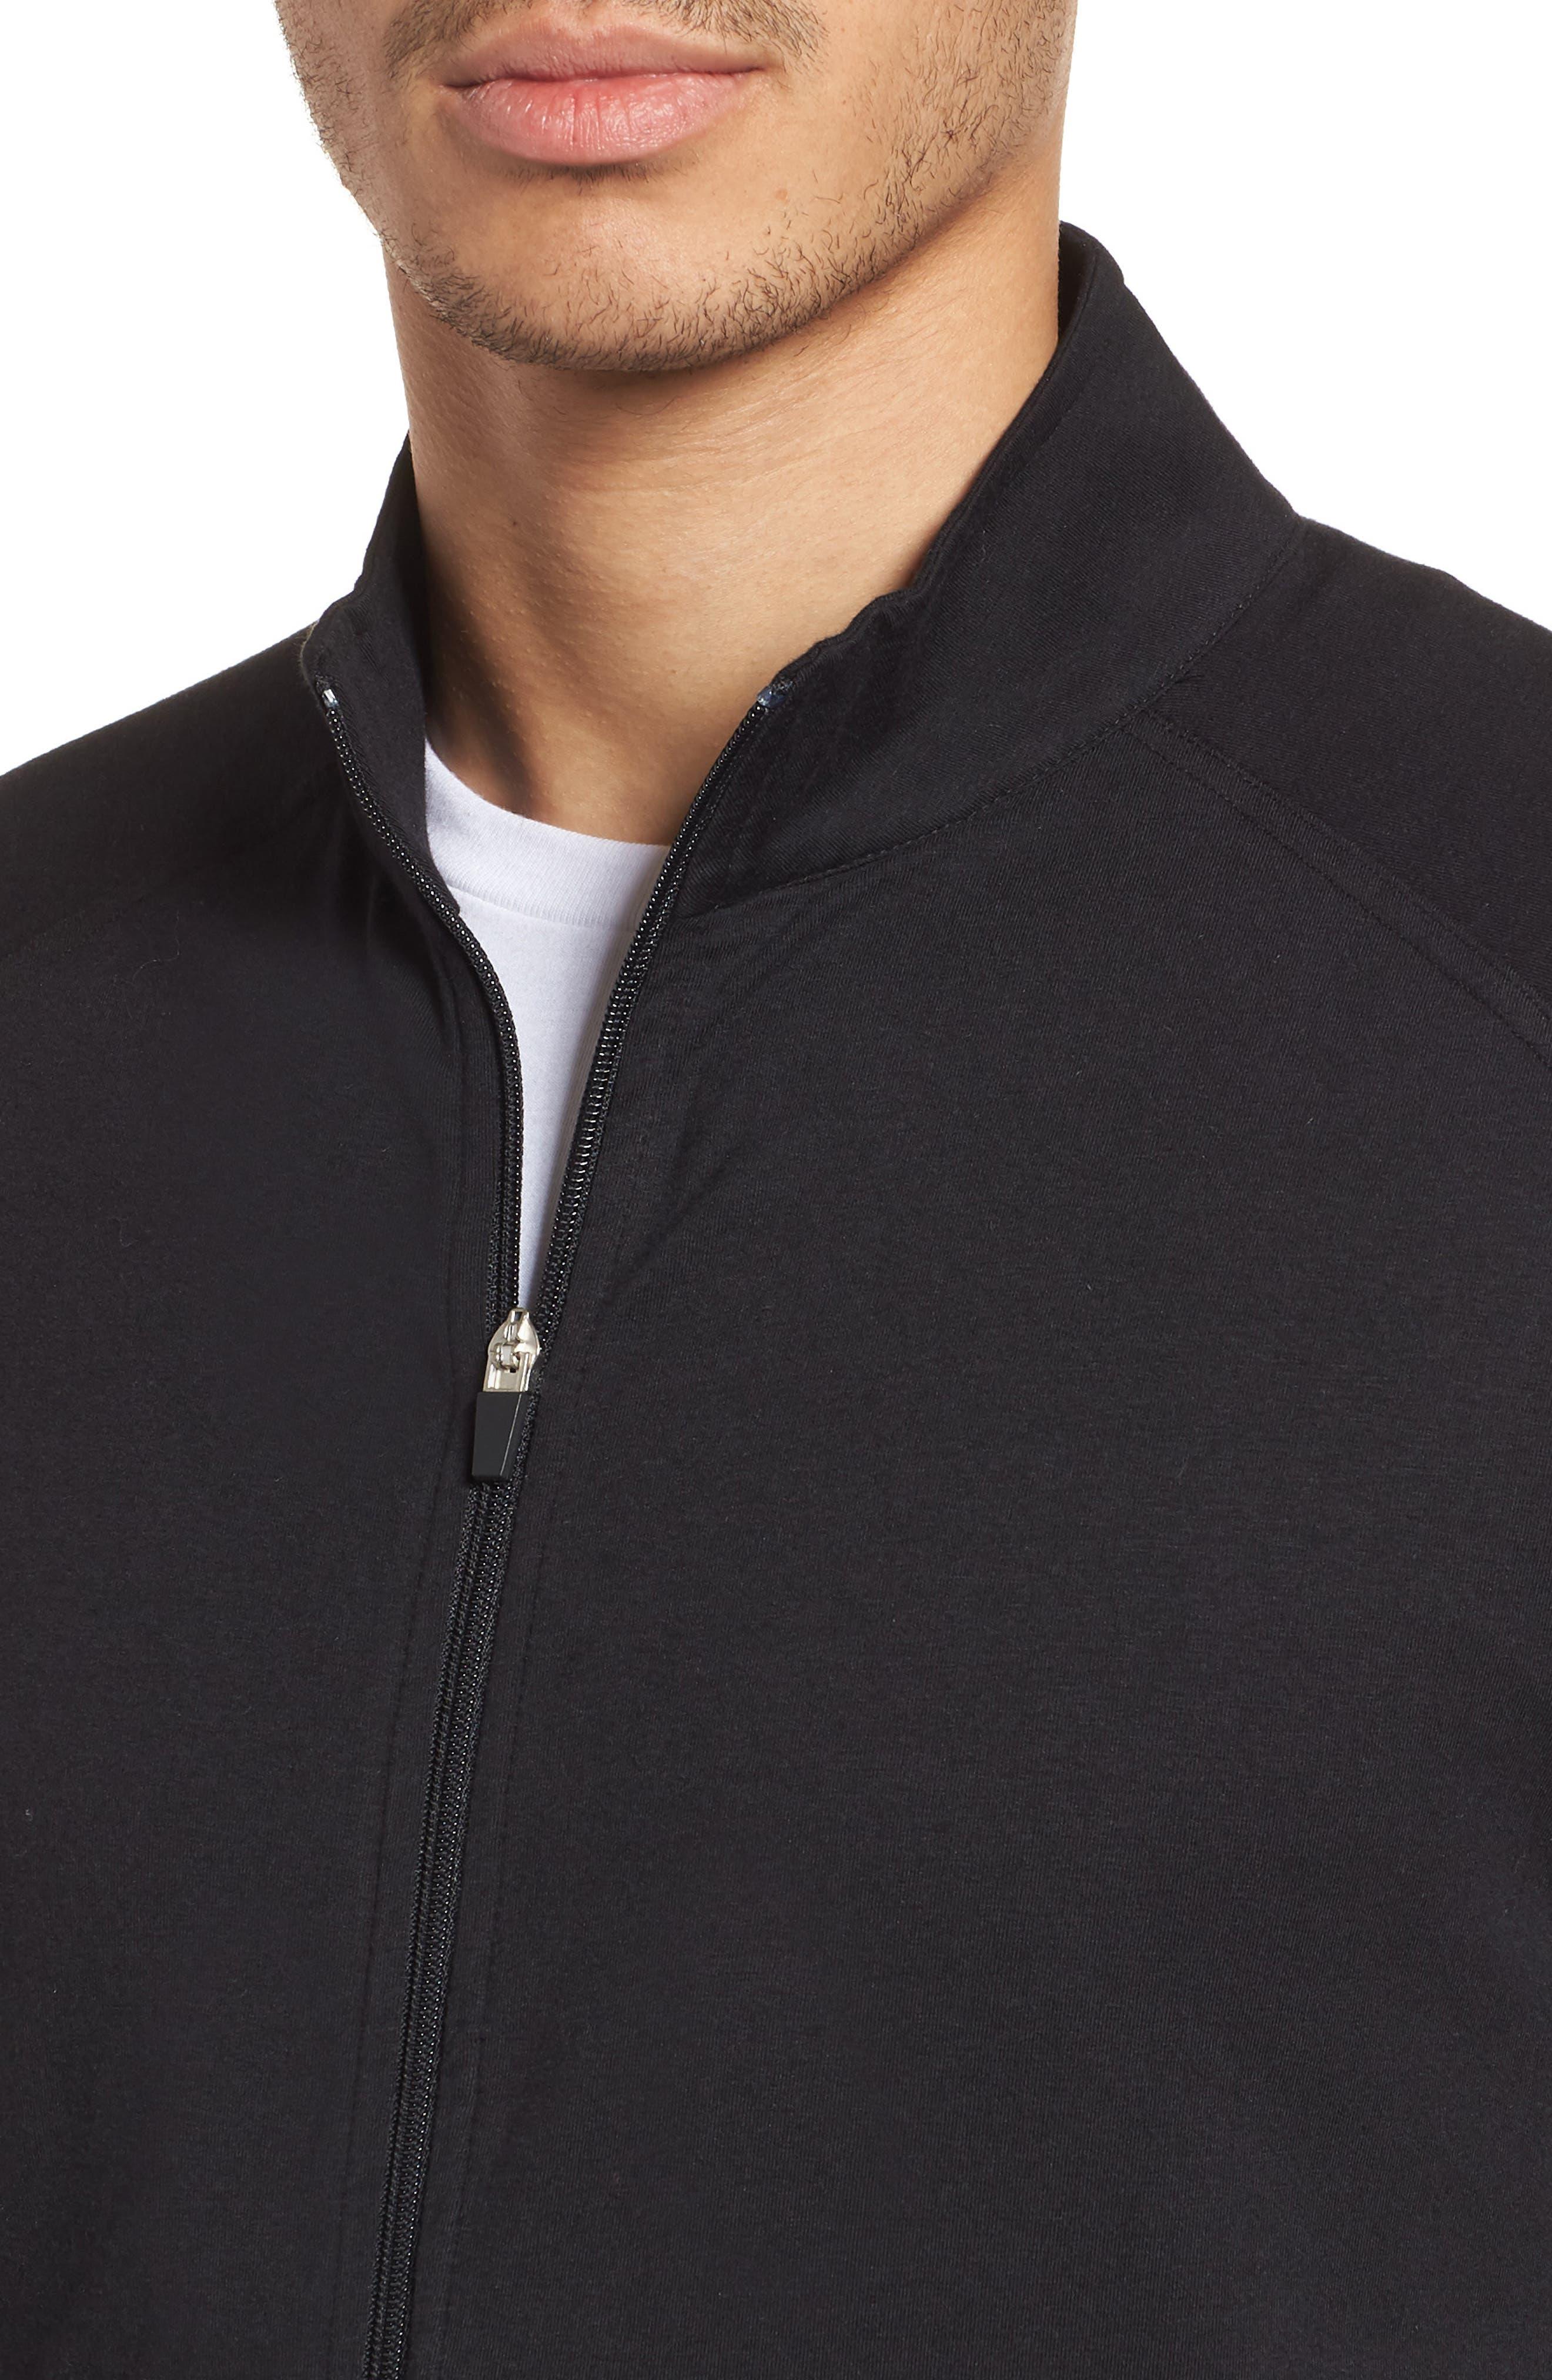 Carrollton Zip Jacket,                             Alternate thumbnail 4, color,                             Black